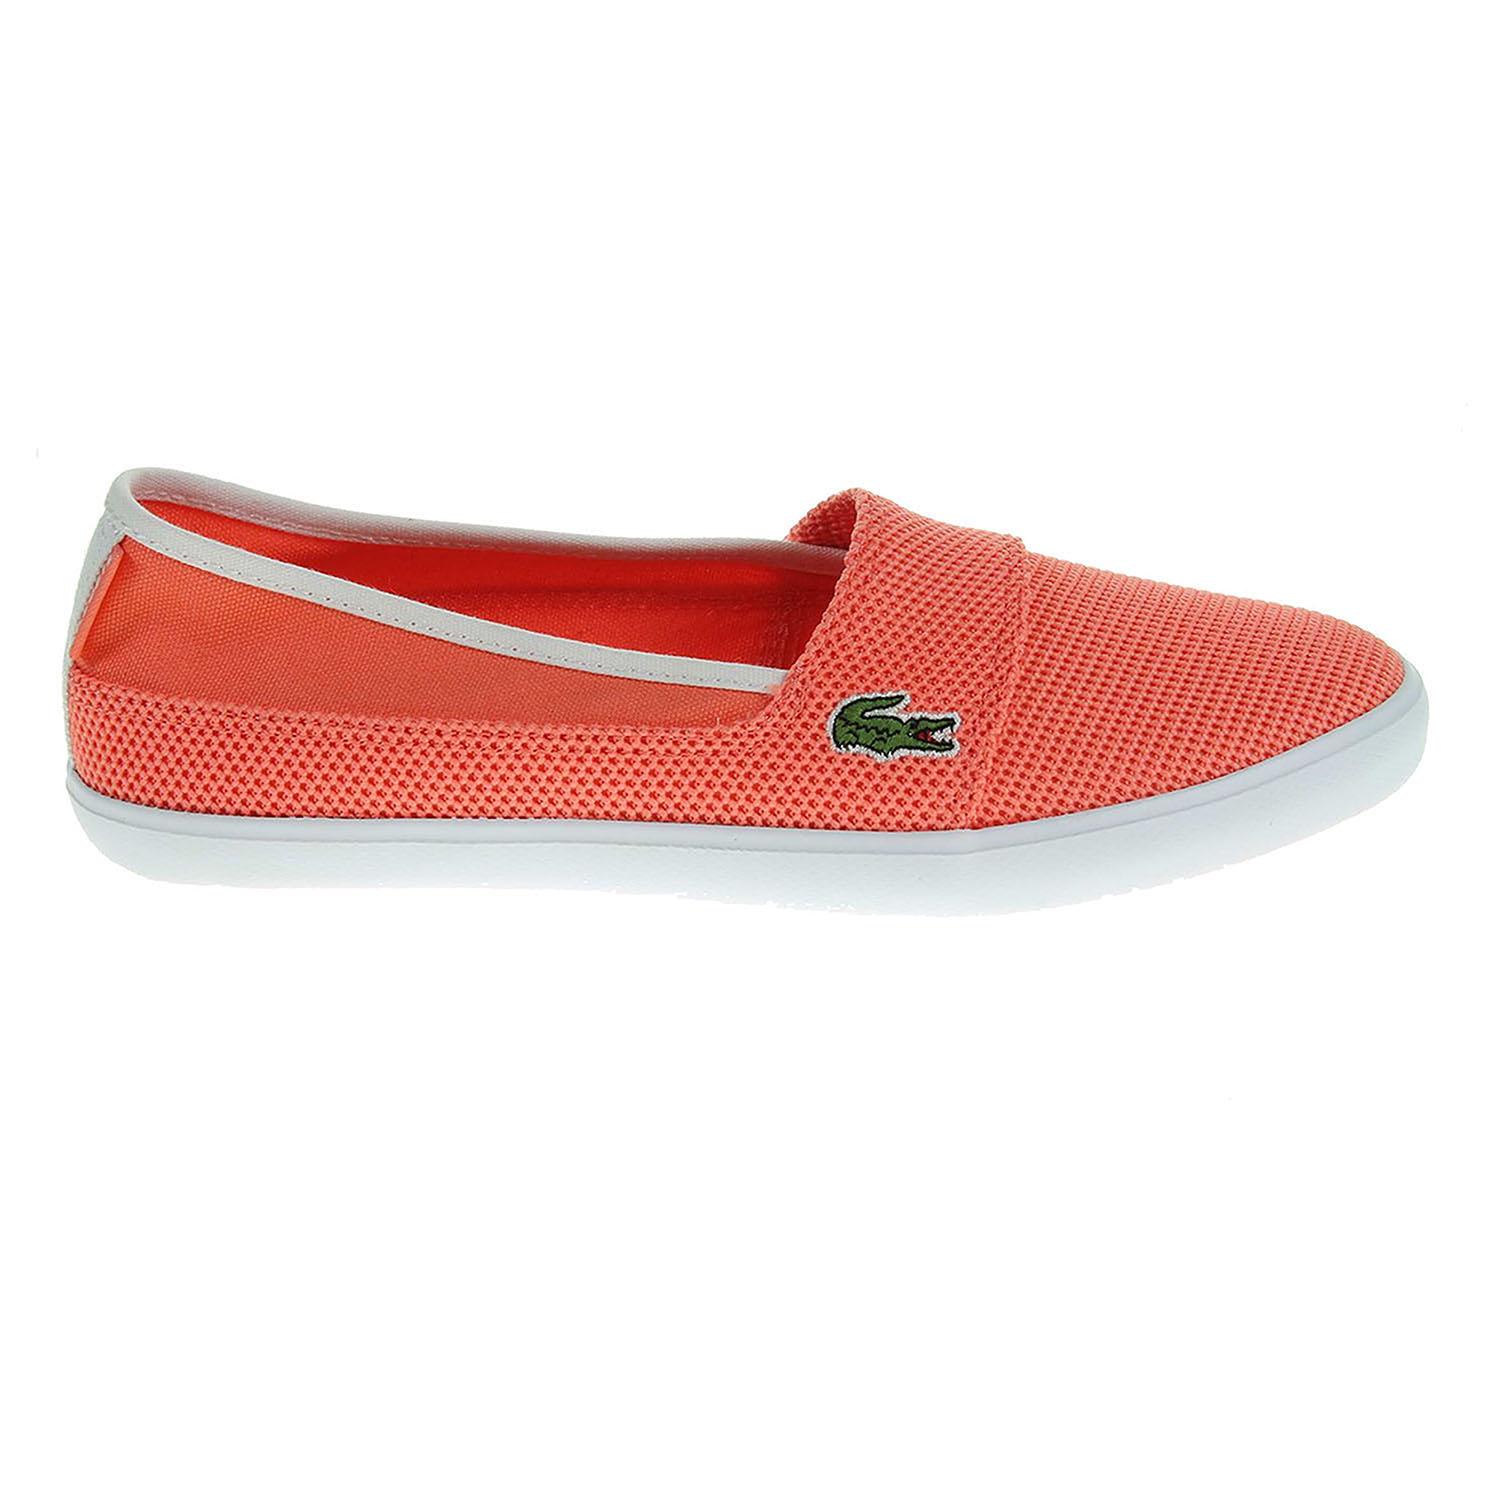 Ecco Lacoste Marice dámská obuv oranžová 23000816